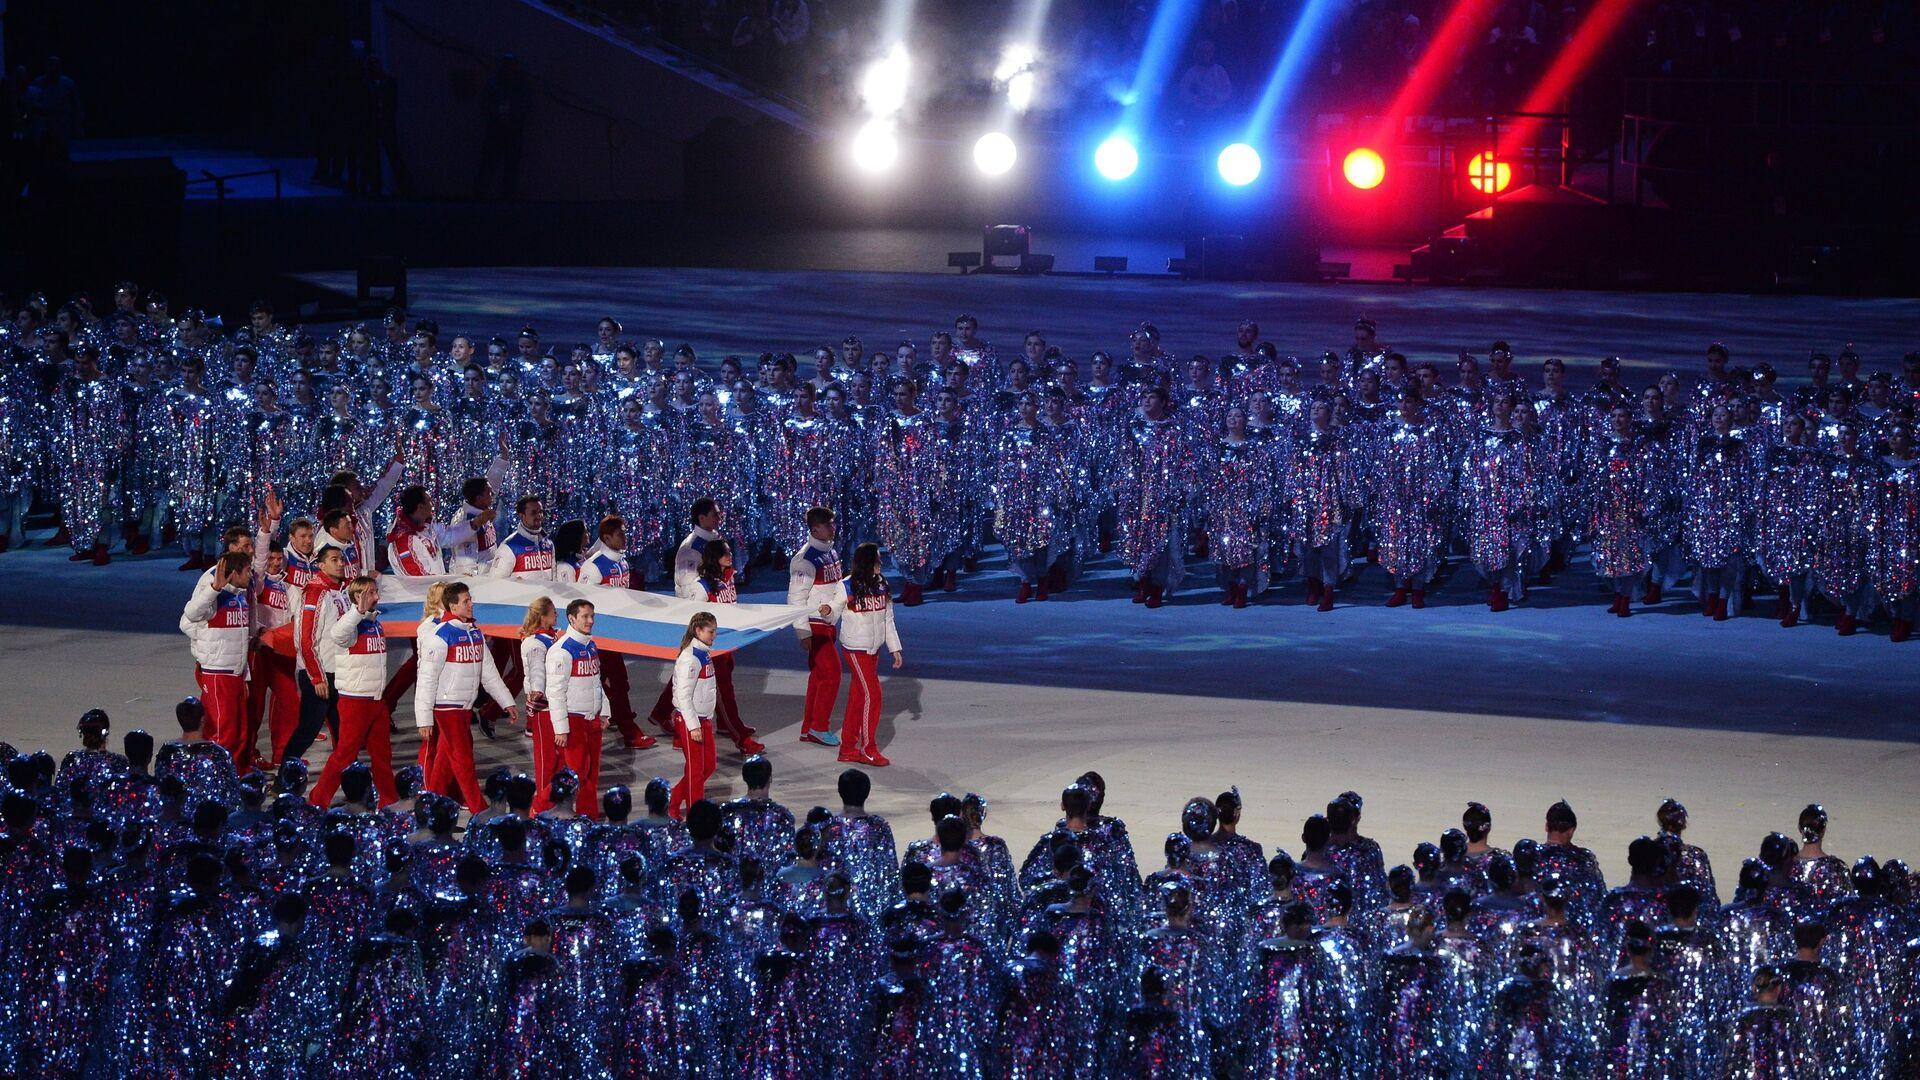 Спортсмены олимпийской сборной России выносят российский флаг - РИА Новости, 1920, 13.03.2021